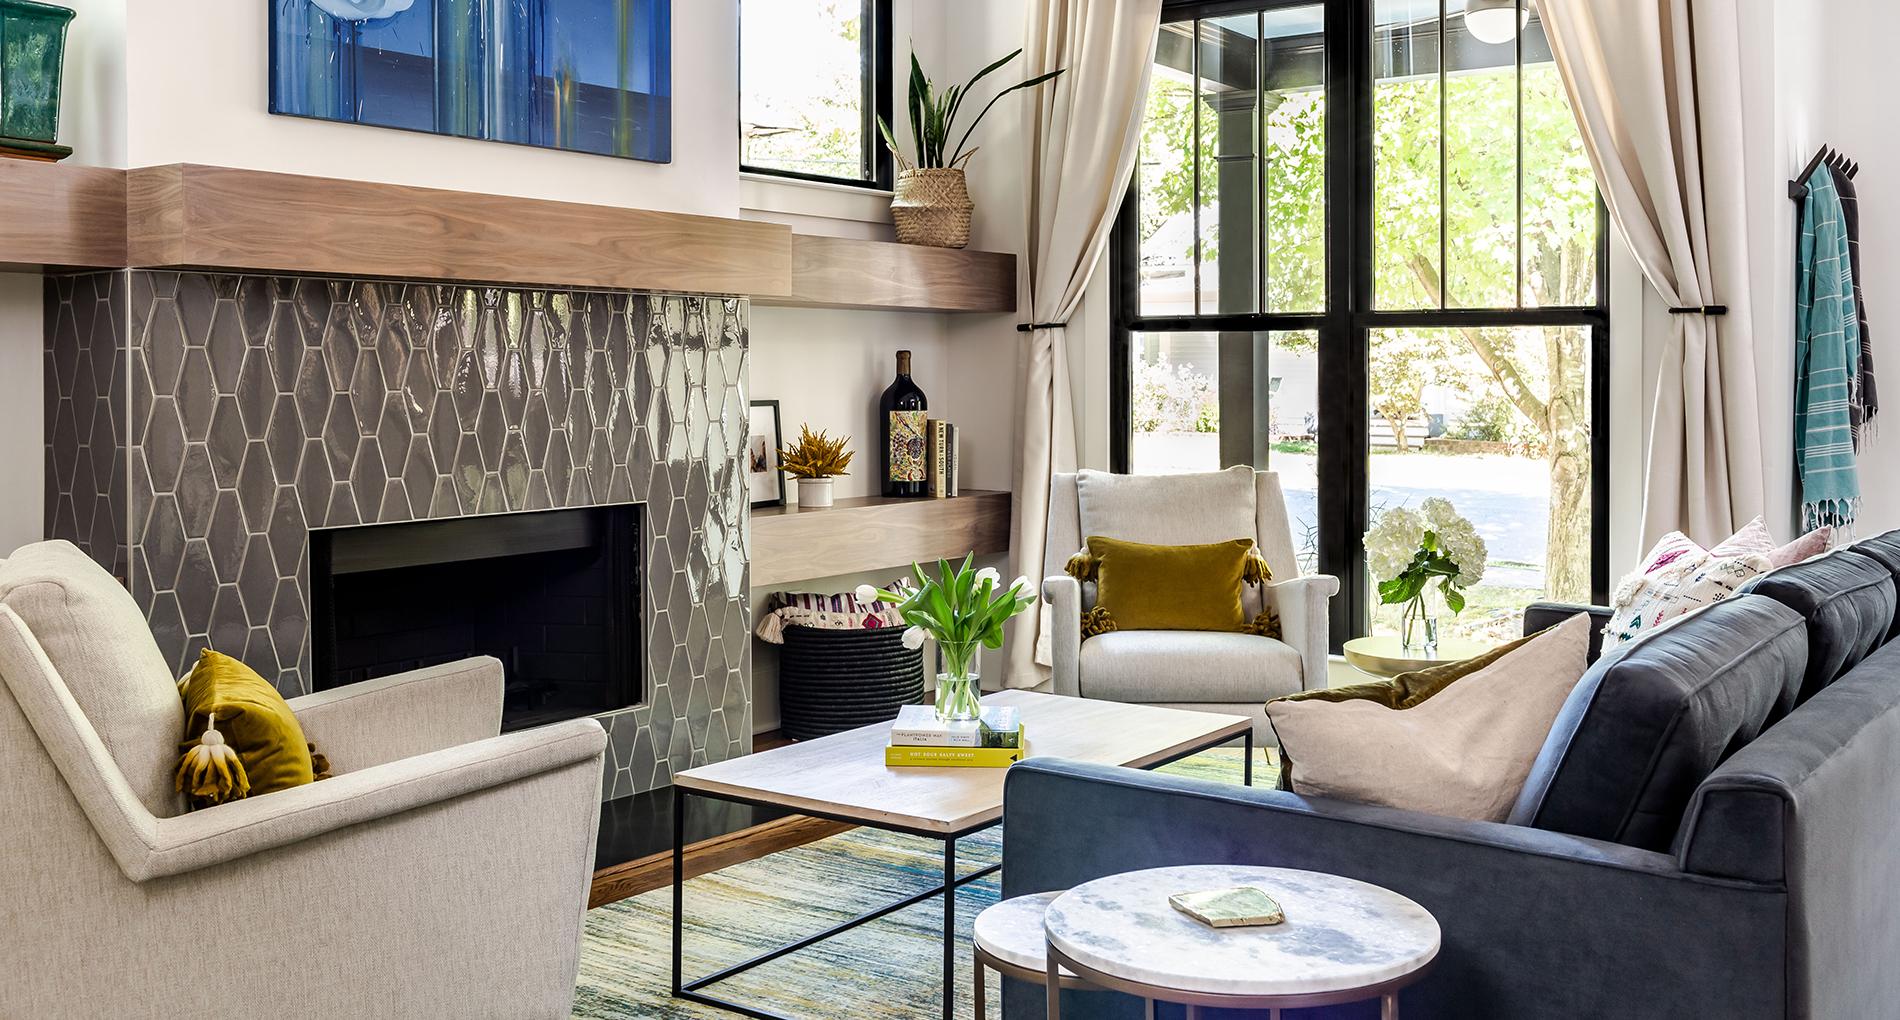 home renovation Decatur Grant Park Slider